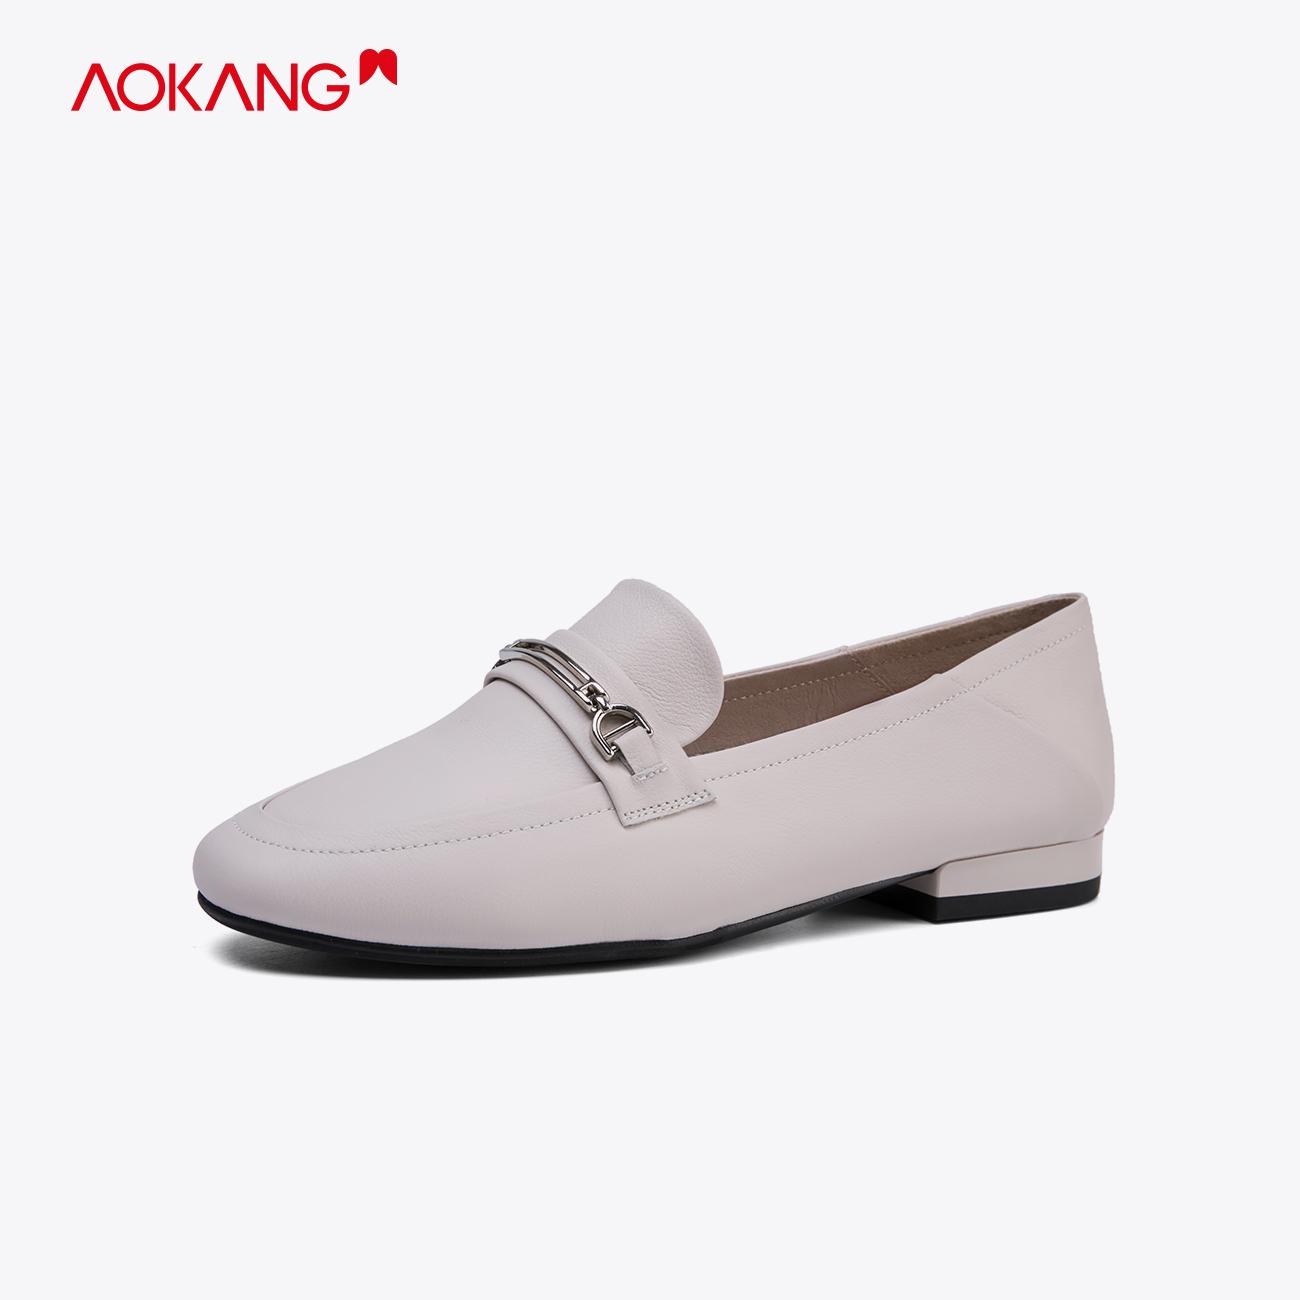 奥康婦人靴2020春新型牛革丸首低とカジュアル靴カバー足2つは快適です。